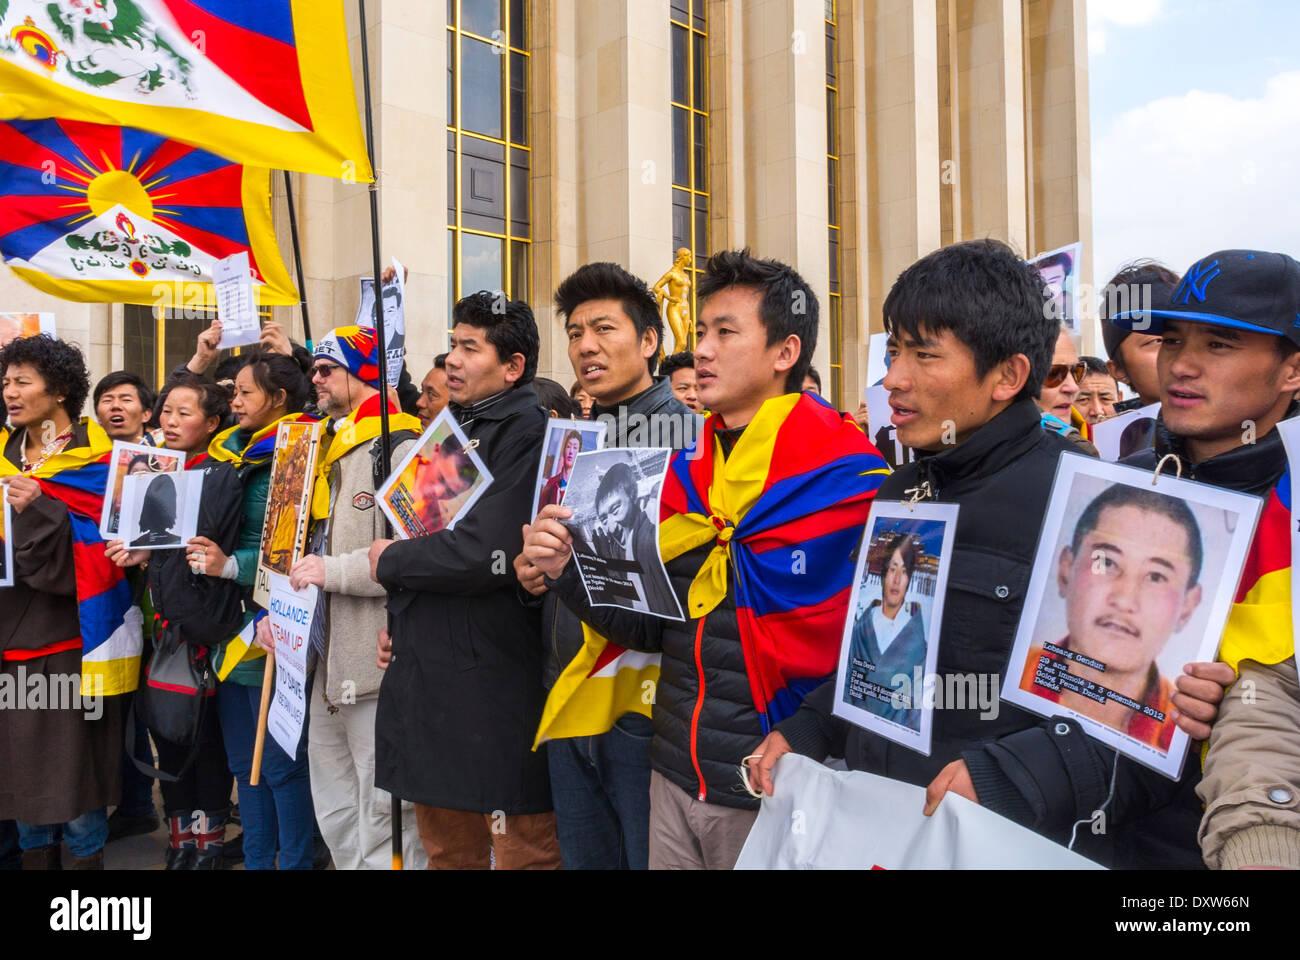 Parigi, Francia. La Comunità tibetana di Francia e amici ha invitato i cittadini francesi a mobilitarsi massicciamente e attivamente durante la visita del presidente cinese a Parigi . Questa mobilitazione dei cittadini deve mettere in luce la triste situazione del Tibet nella scena pubblica e dovremmo cogliere questa occasione per ricordare al Presidente cinese che la politica cinese in vigore in Tibet è un fallimento e contro la produttività . La vecchia ricetta politica per il marciume e il bastone è un anacronismo quando il tempo è il riconoscimento muto dei popoli. Foto Stock